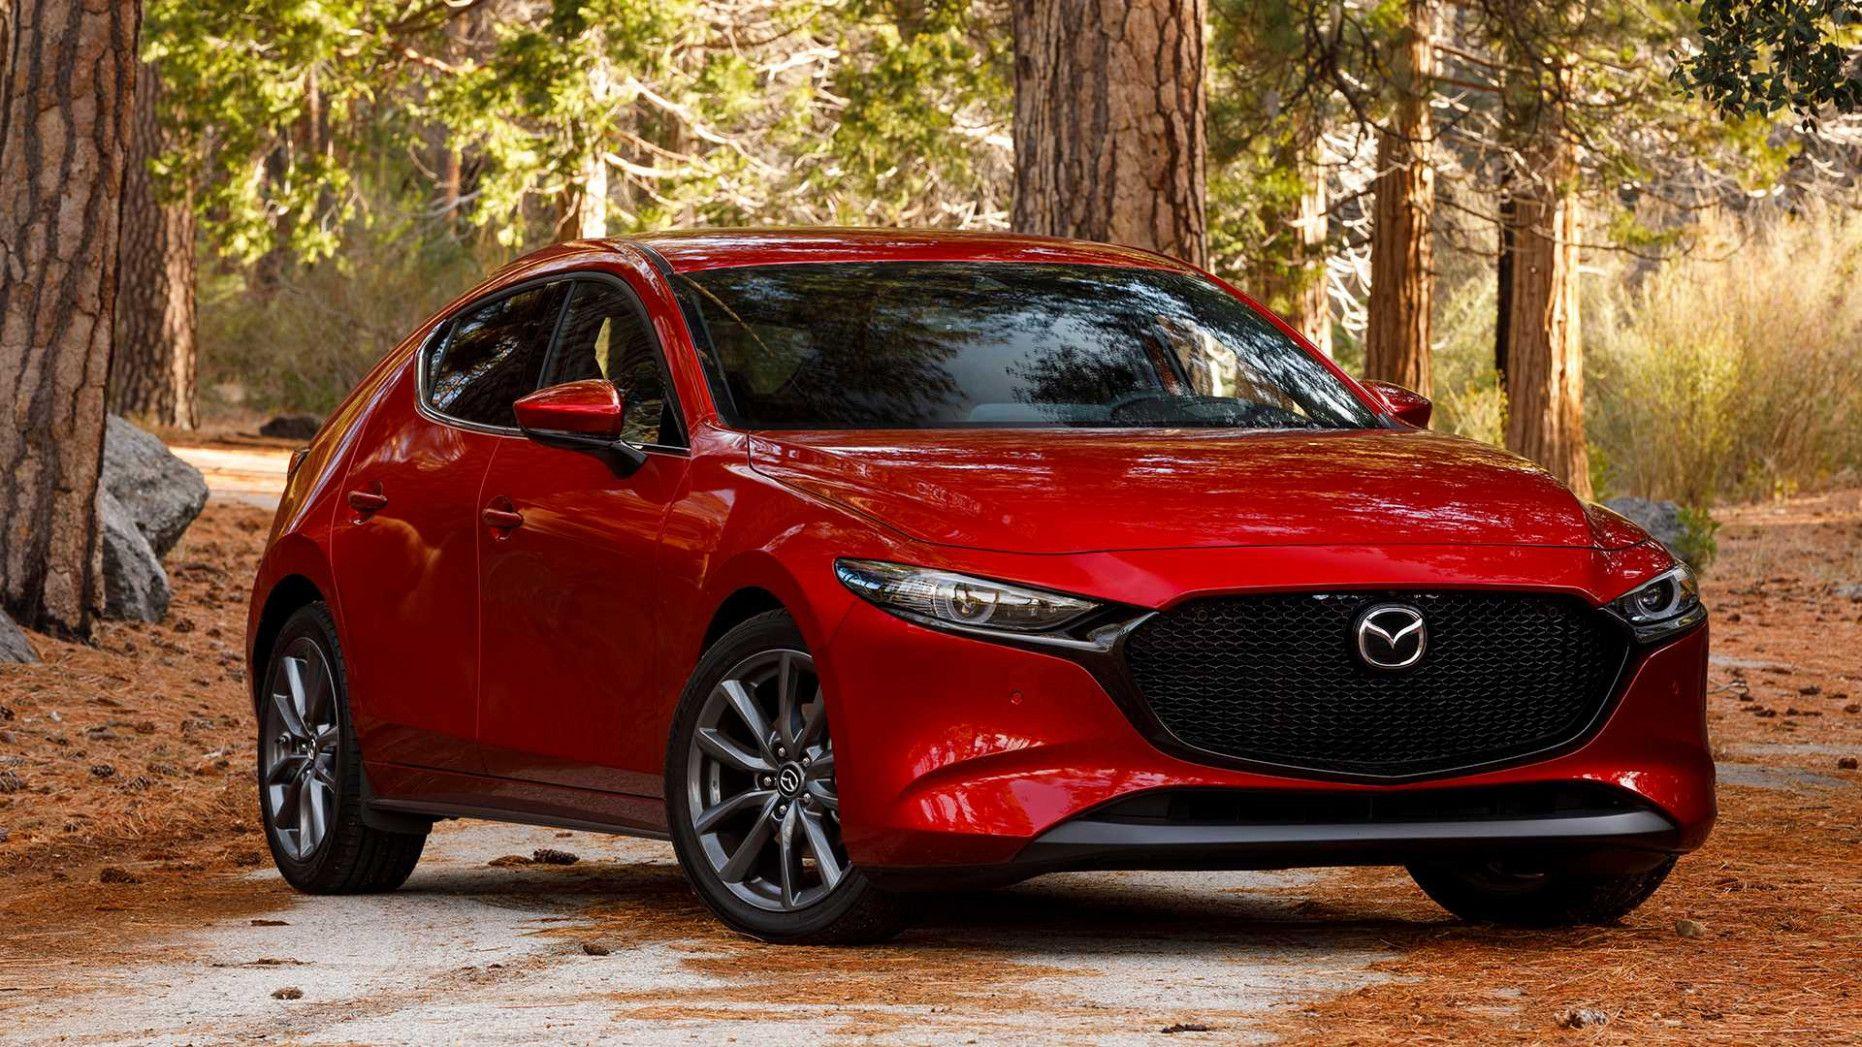 Mazda Hatchback 2020 Picture in 2020 Mazda, Mazda